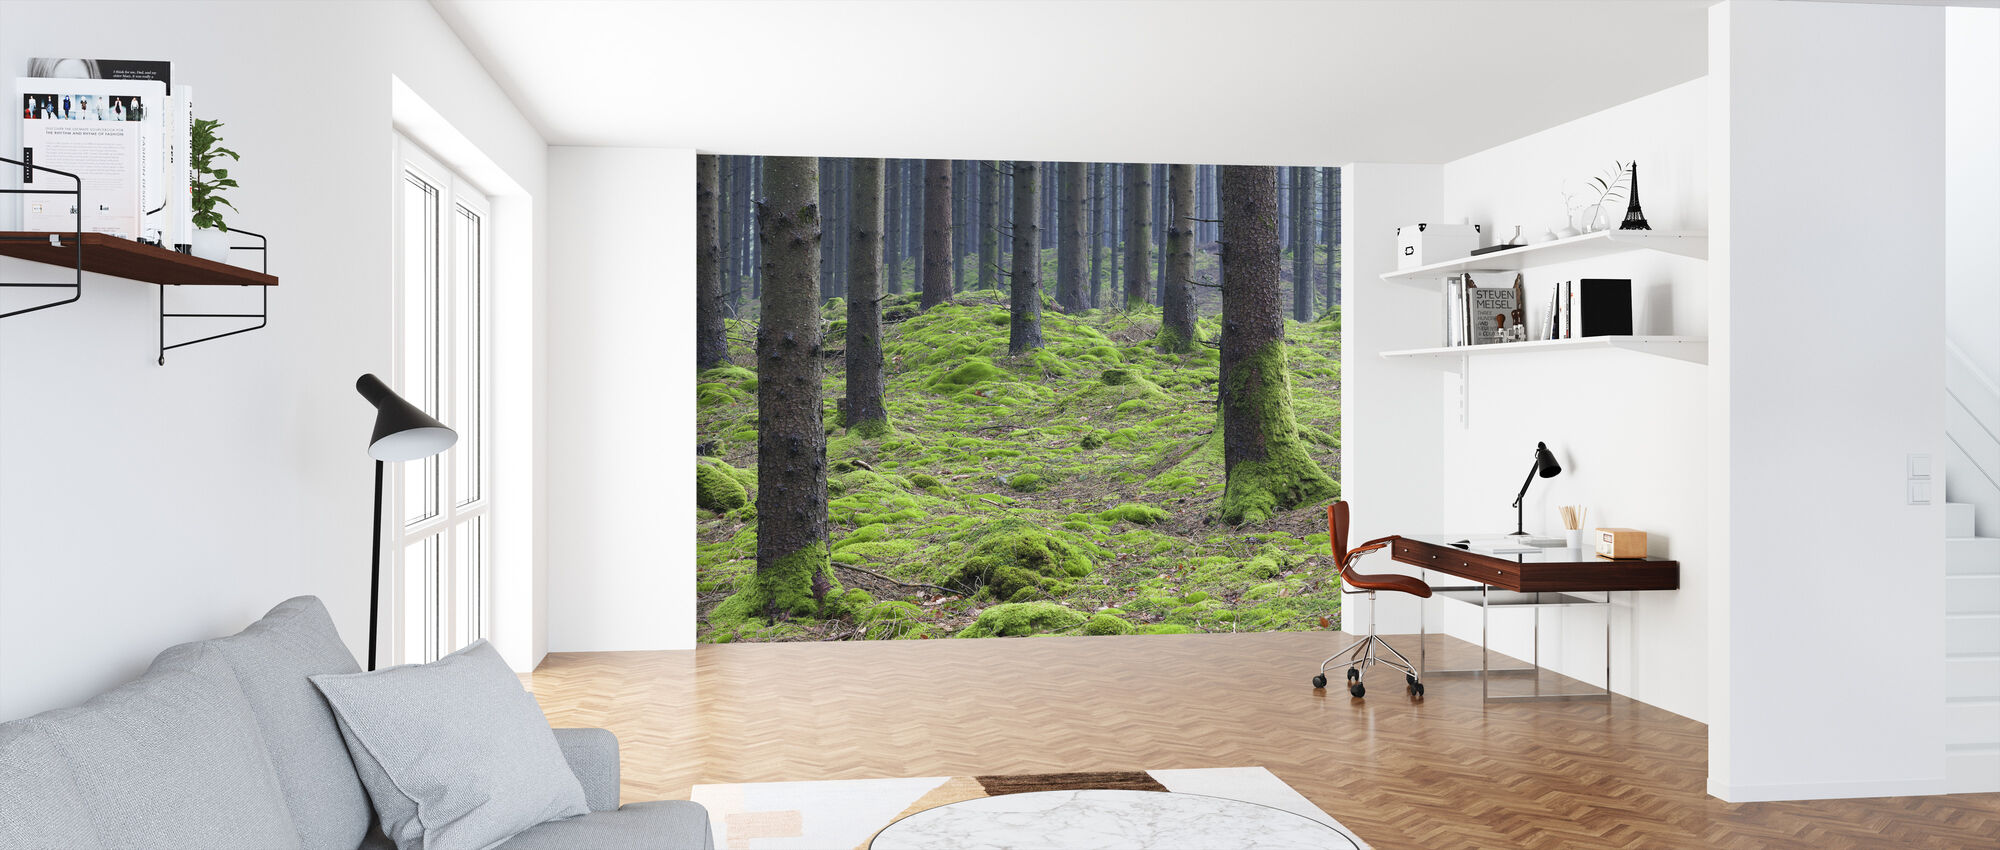 Fir Tree Trunk - Wallpaper - Office